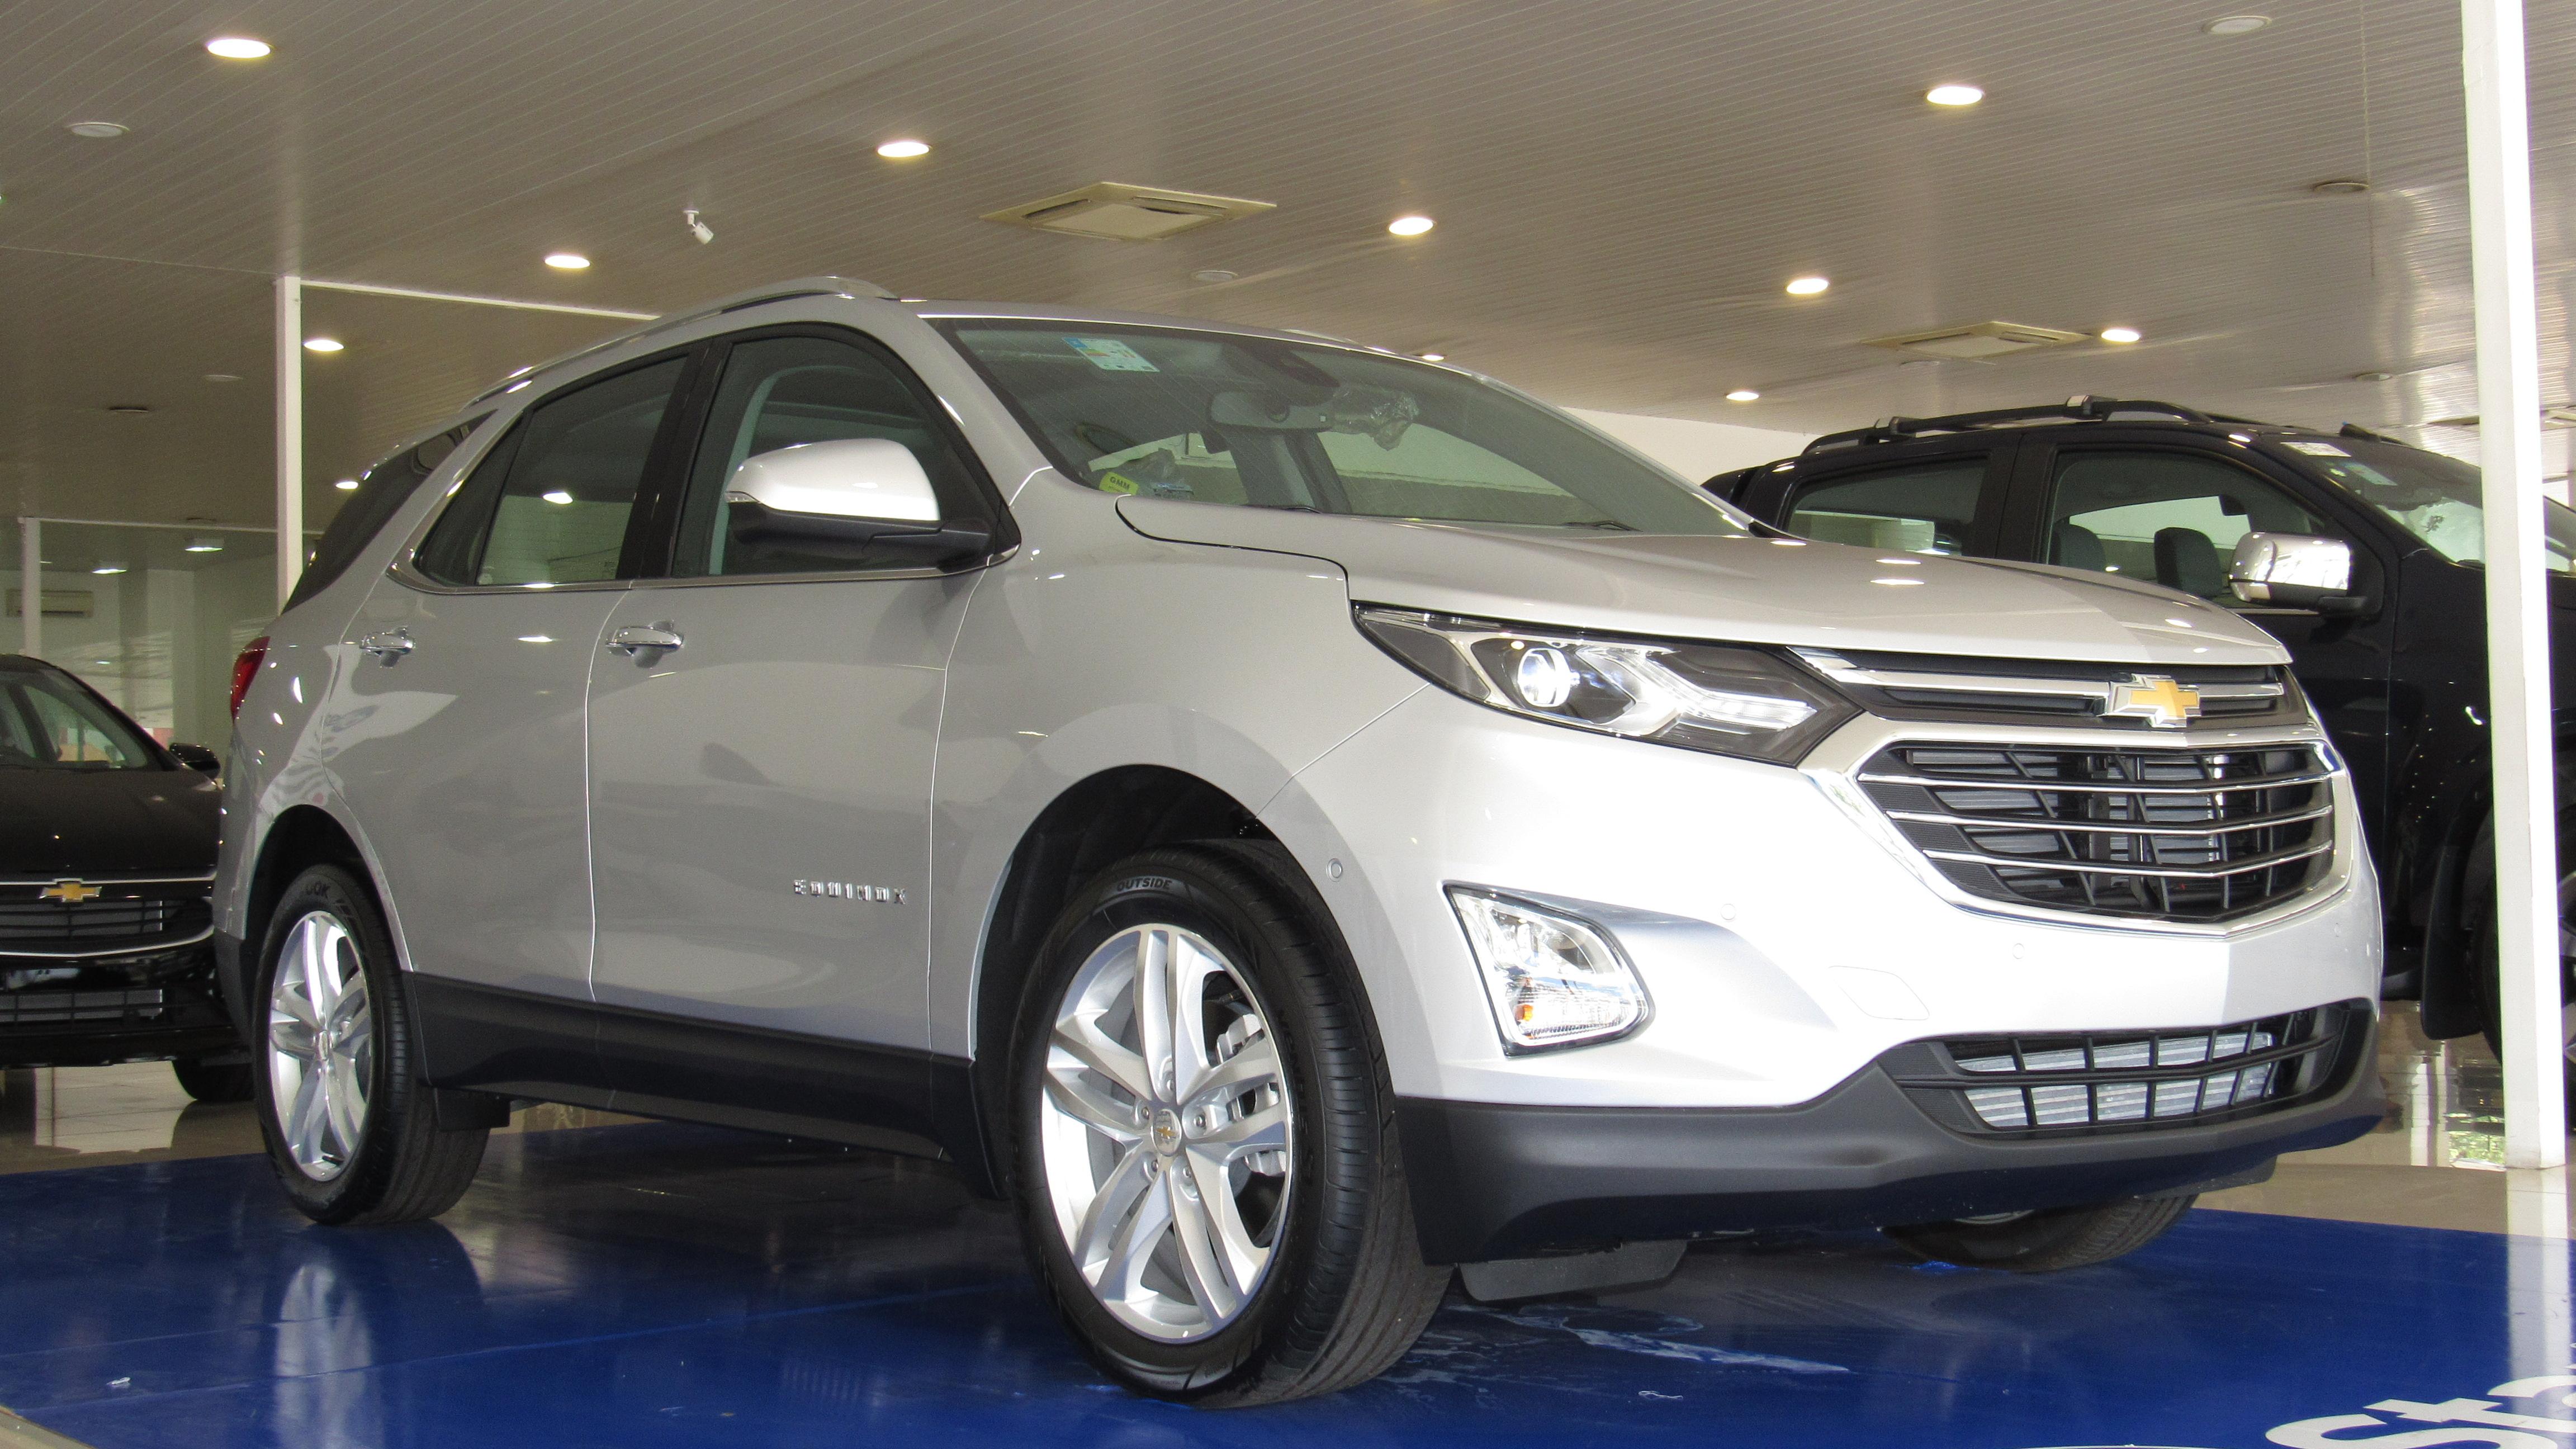 Chevrolet Equinox, SUV mais avançado de sua categoria com 262 cavalos, chega ao Piauí